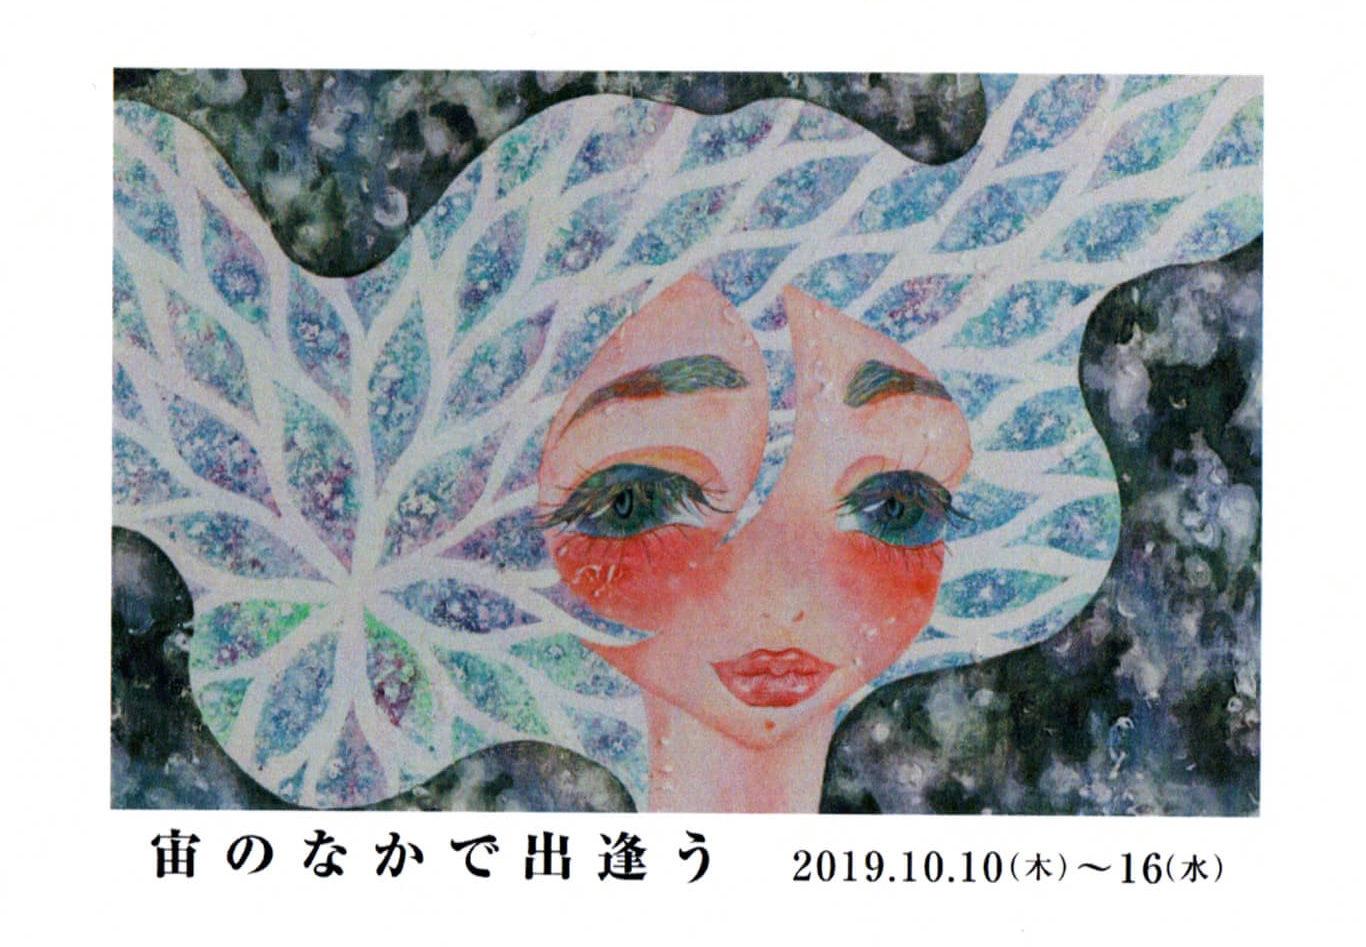 410g-201910-たしまゆみ-個展